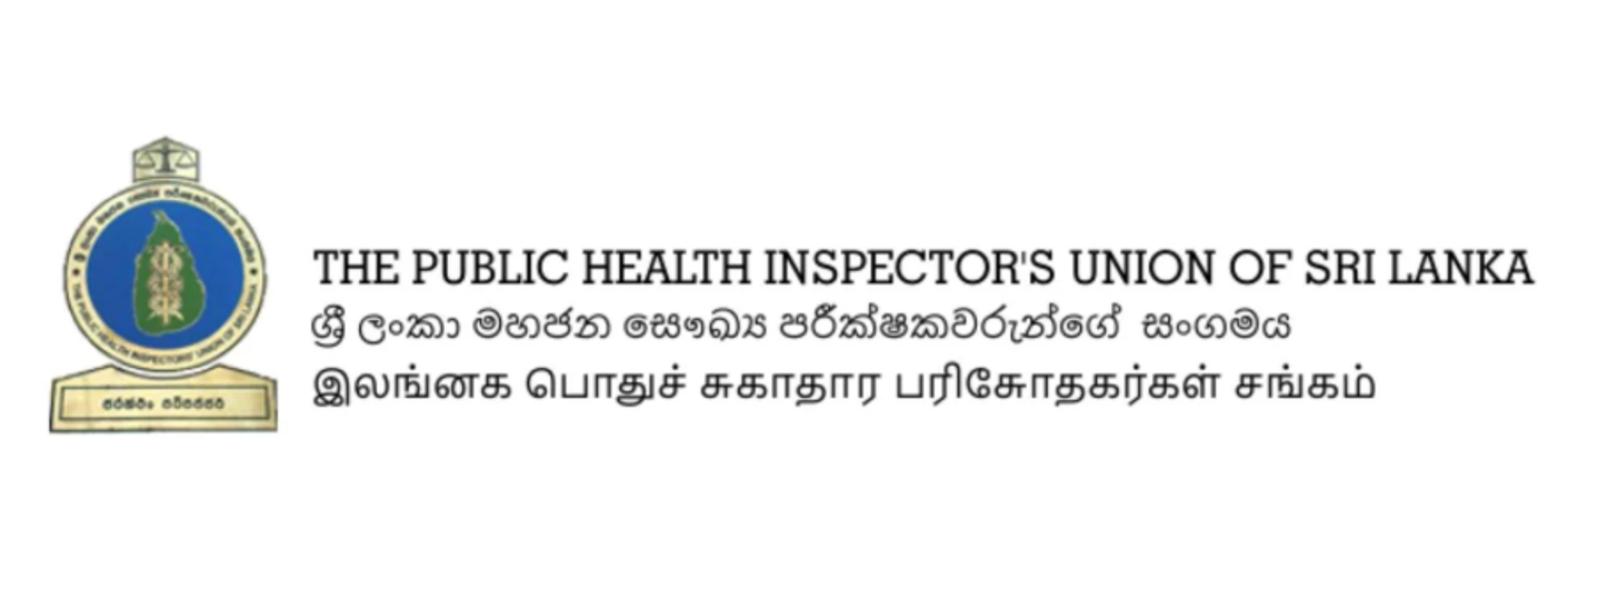 Over 8000 undergoing self-quarantine: PHI Union